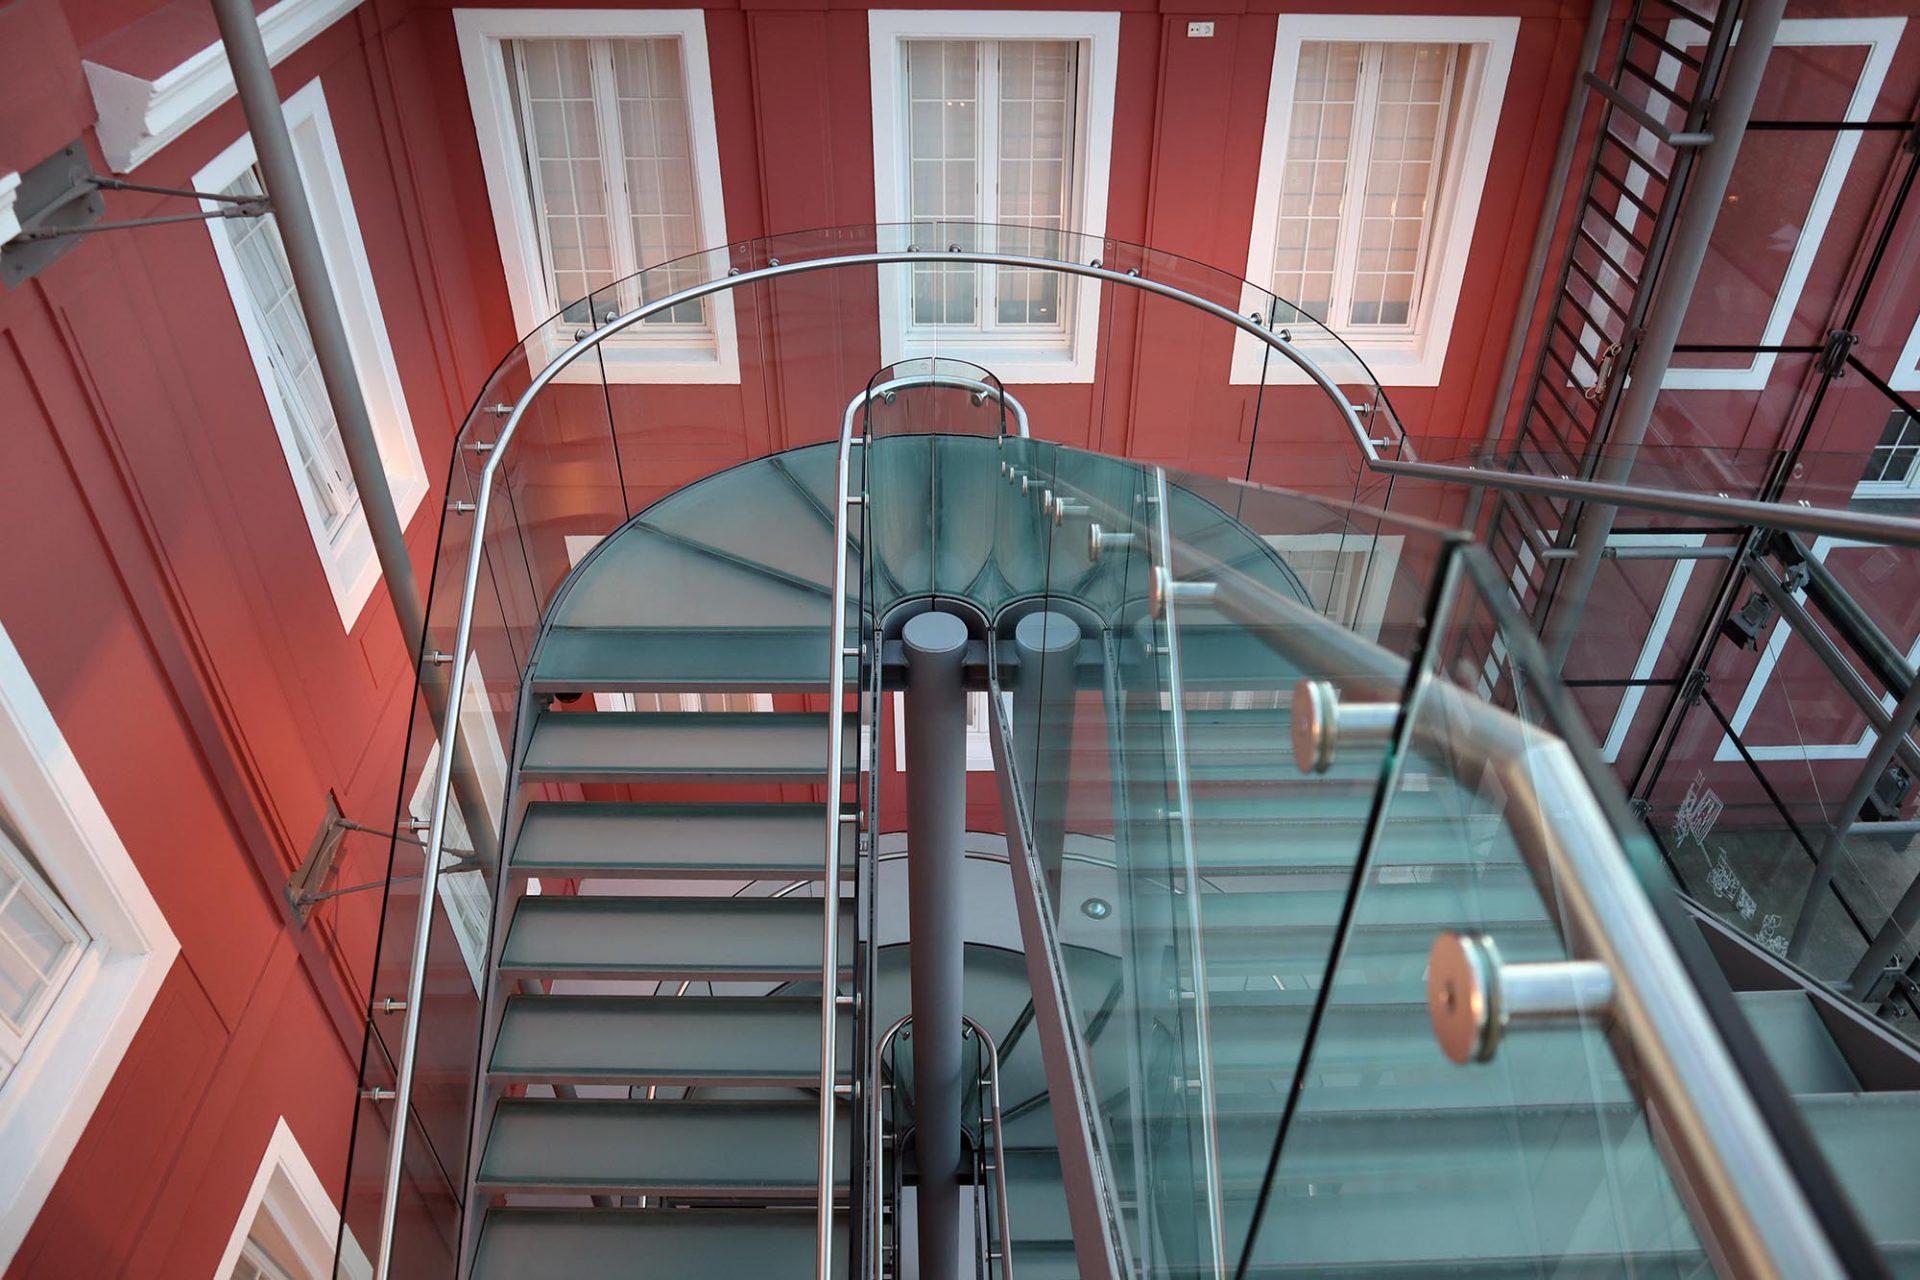 Ludwiggalerie Schloss Oberhausen. Zentrales Element des neuen gläsernen Foyers von Eller+Eller Architekten ist eine unaufgeregt gestaltete Treppe.